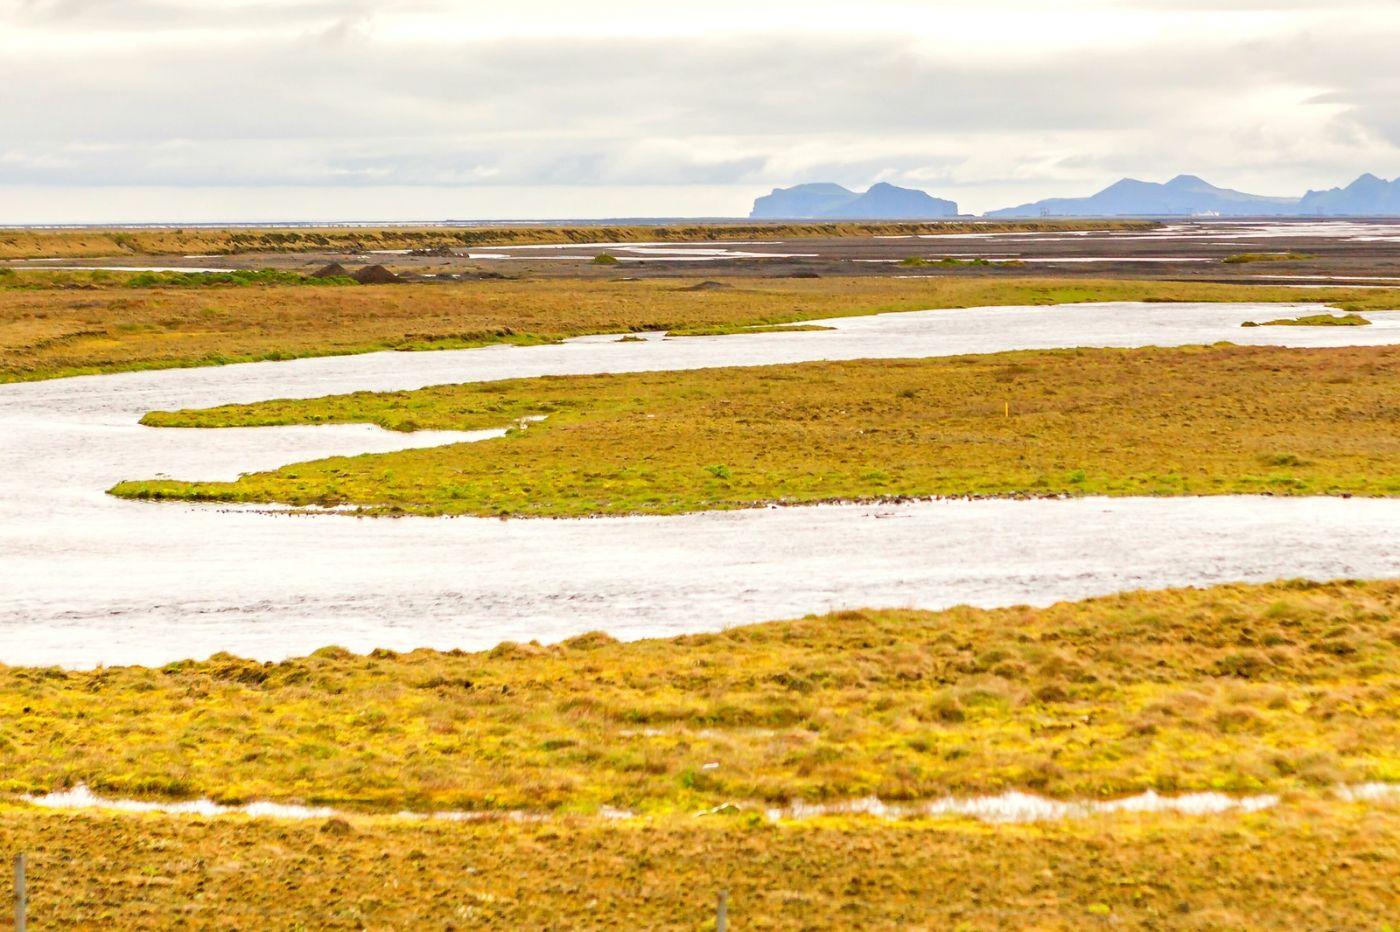 冰岛风采,奇山怪石_图1-34